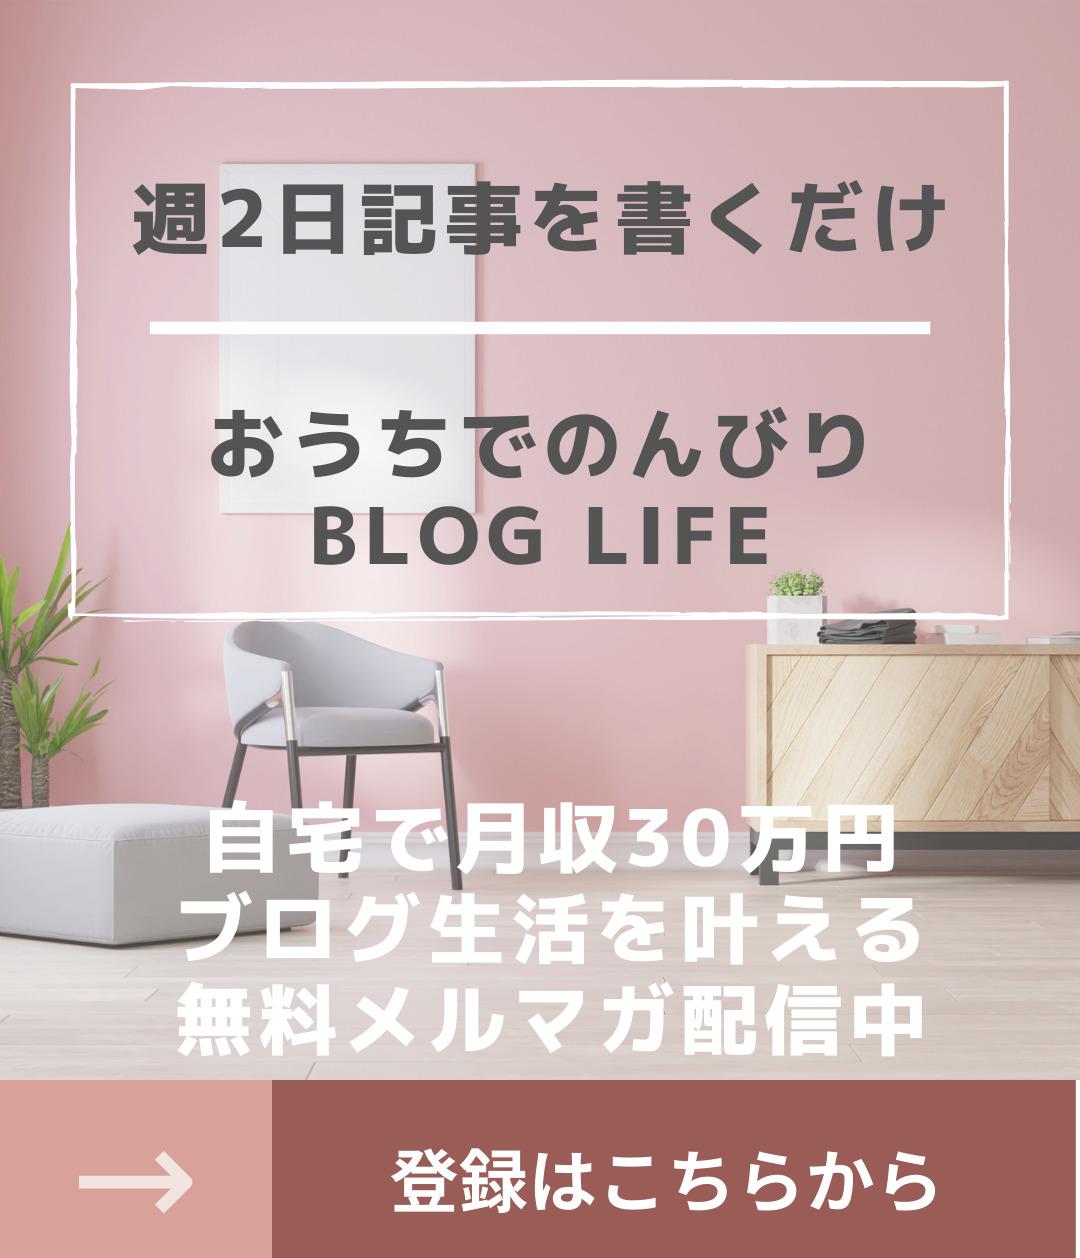 トレンドブログ、トレンドアフィリエイト、アドセンス、収益、UP